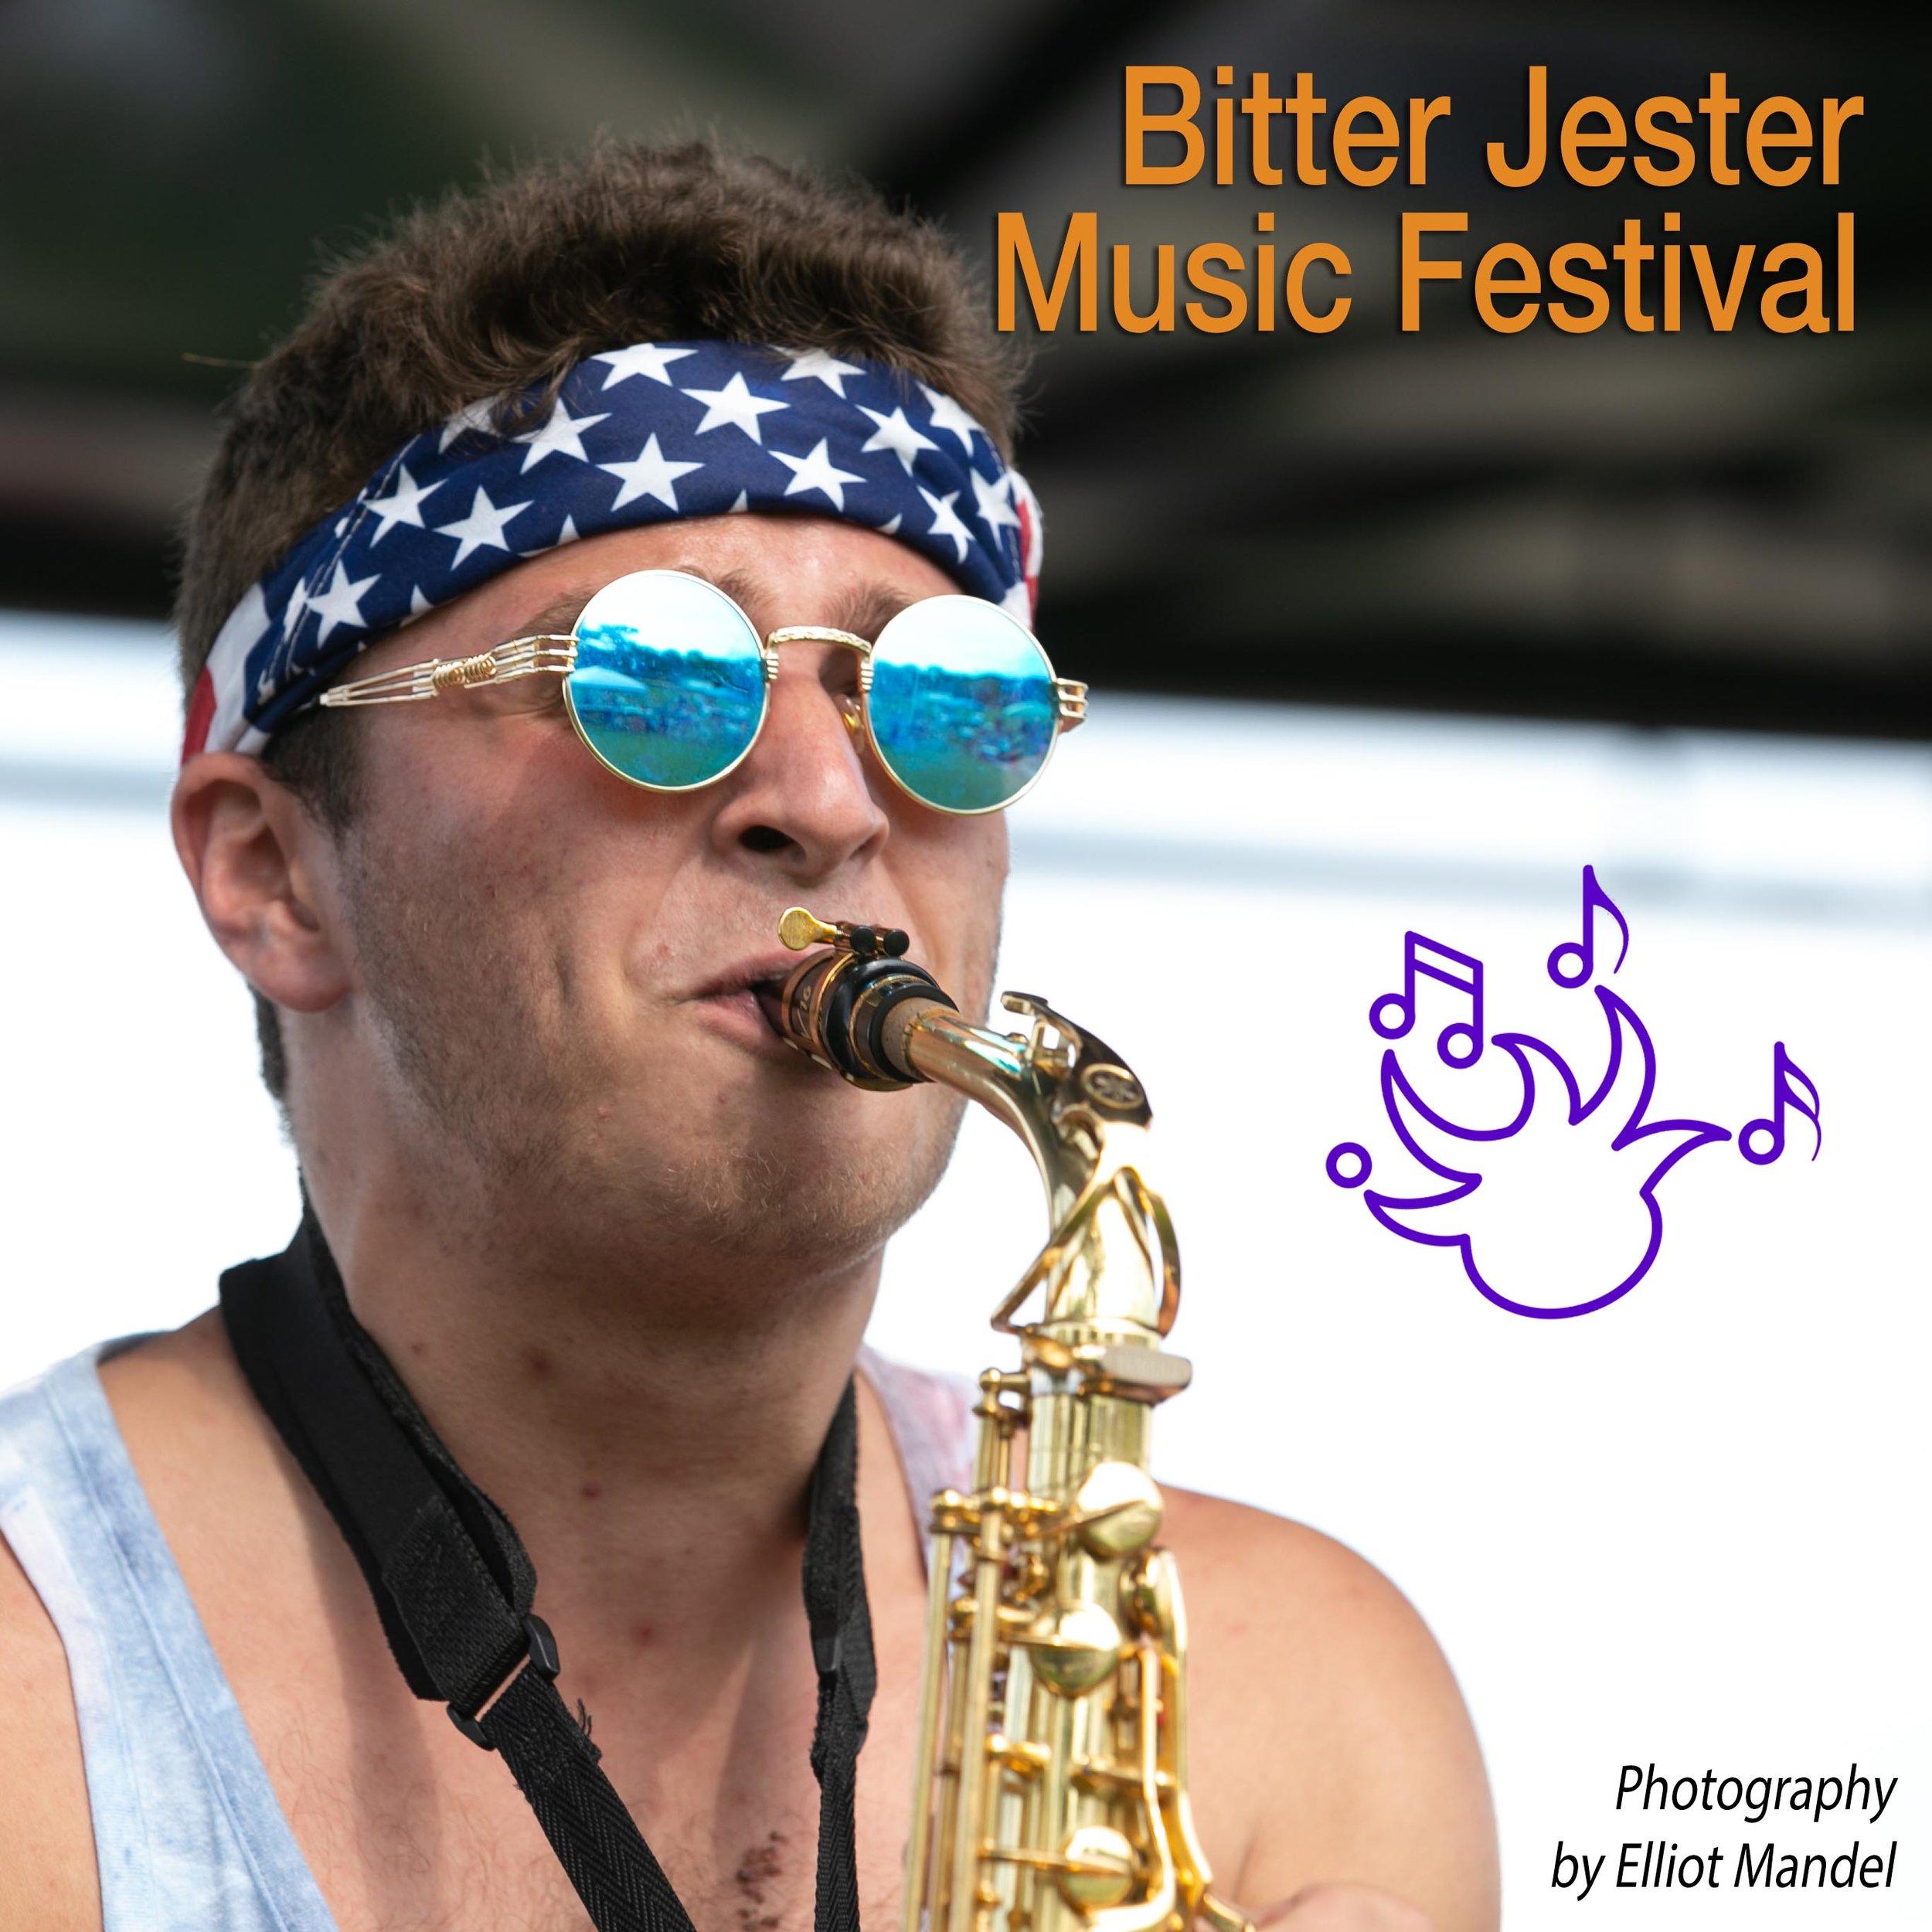 Bitter-Jester-Music-Fest_ElliotMandel-42.jpg